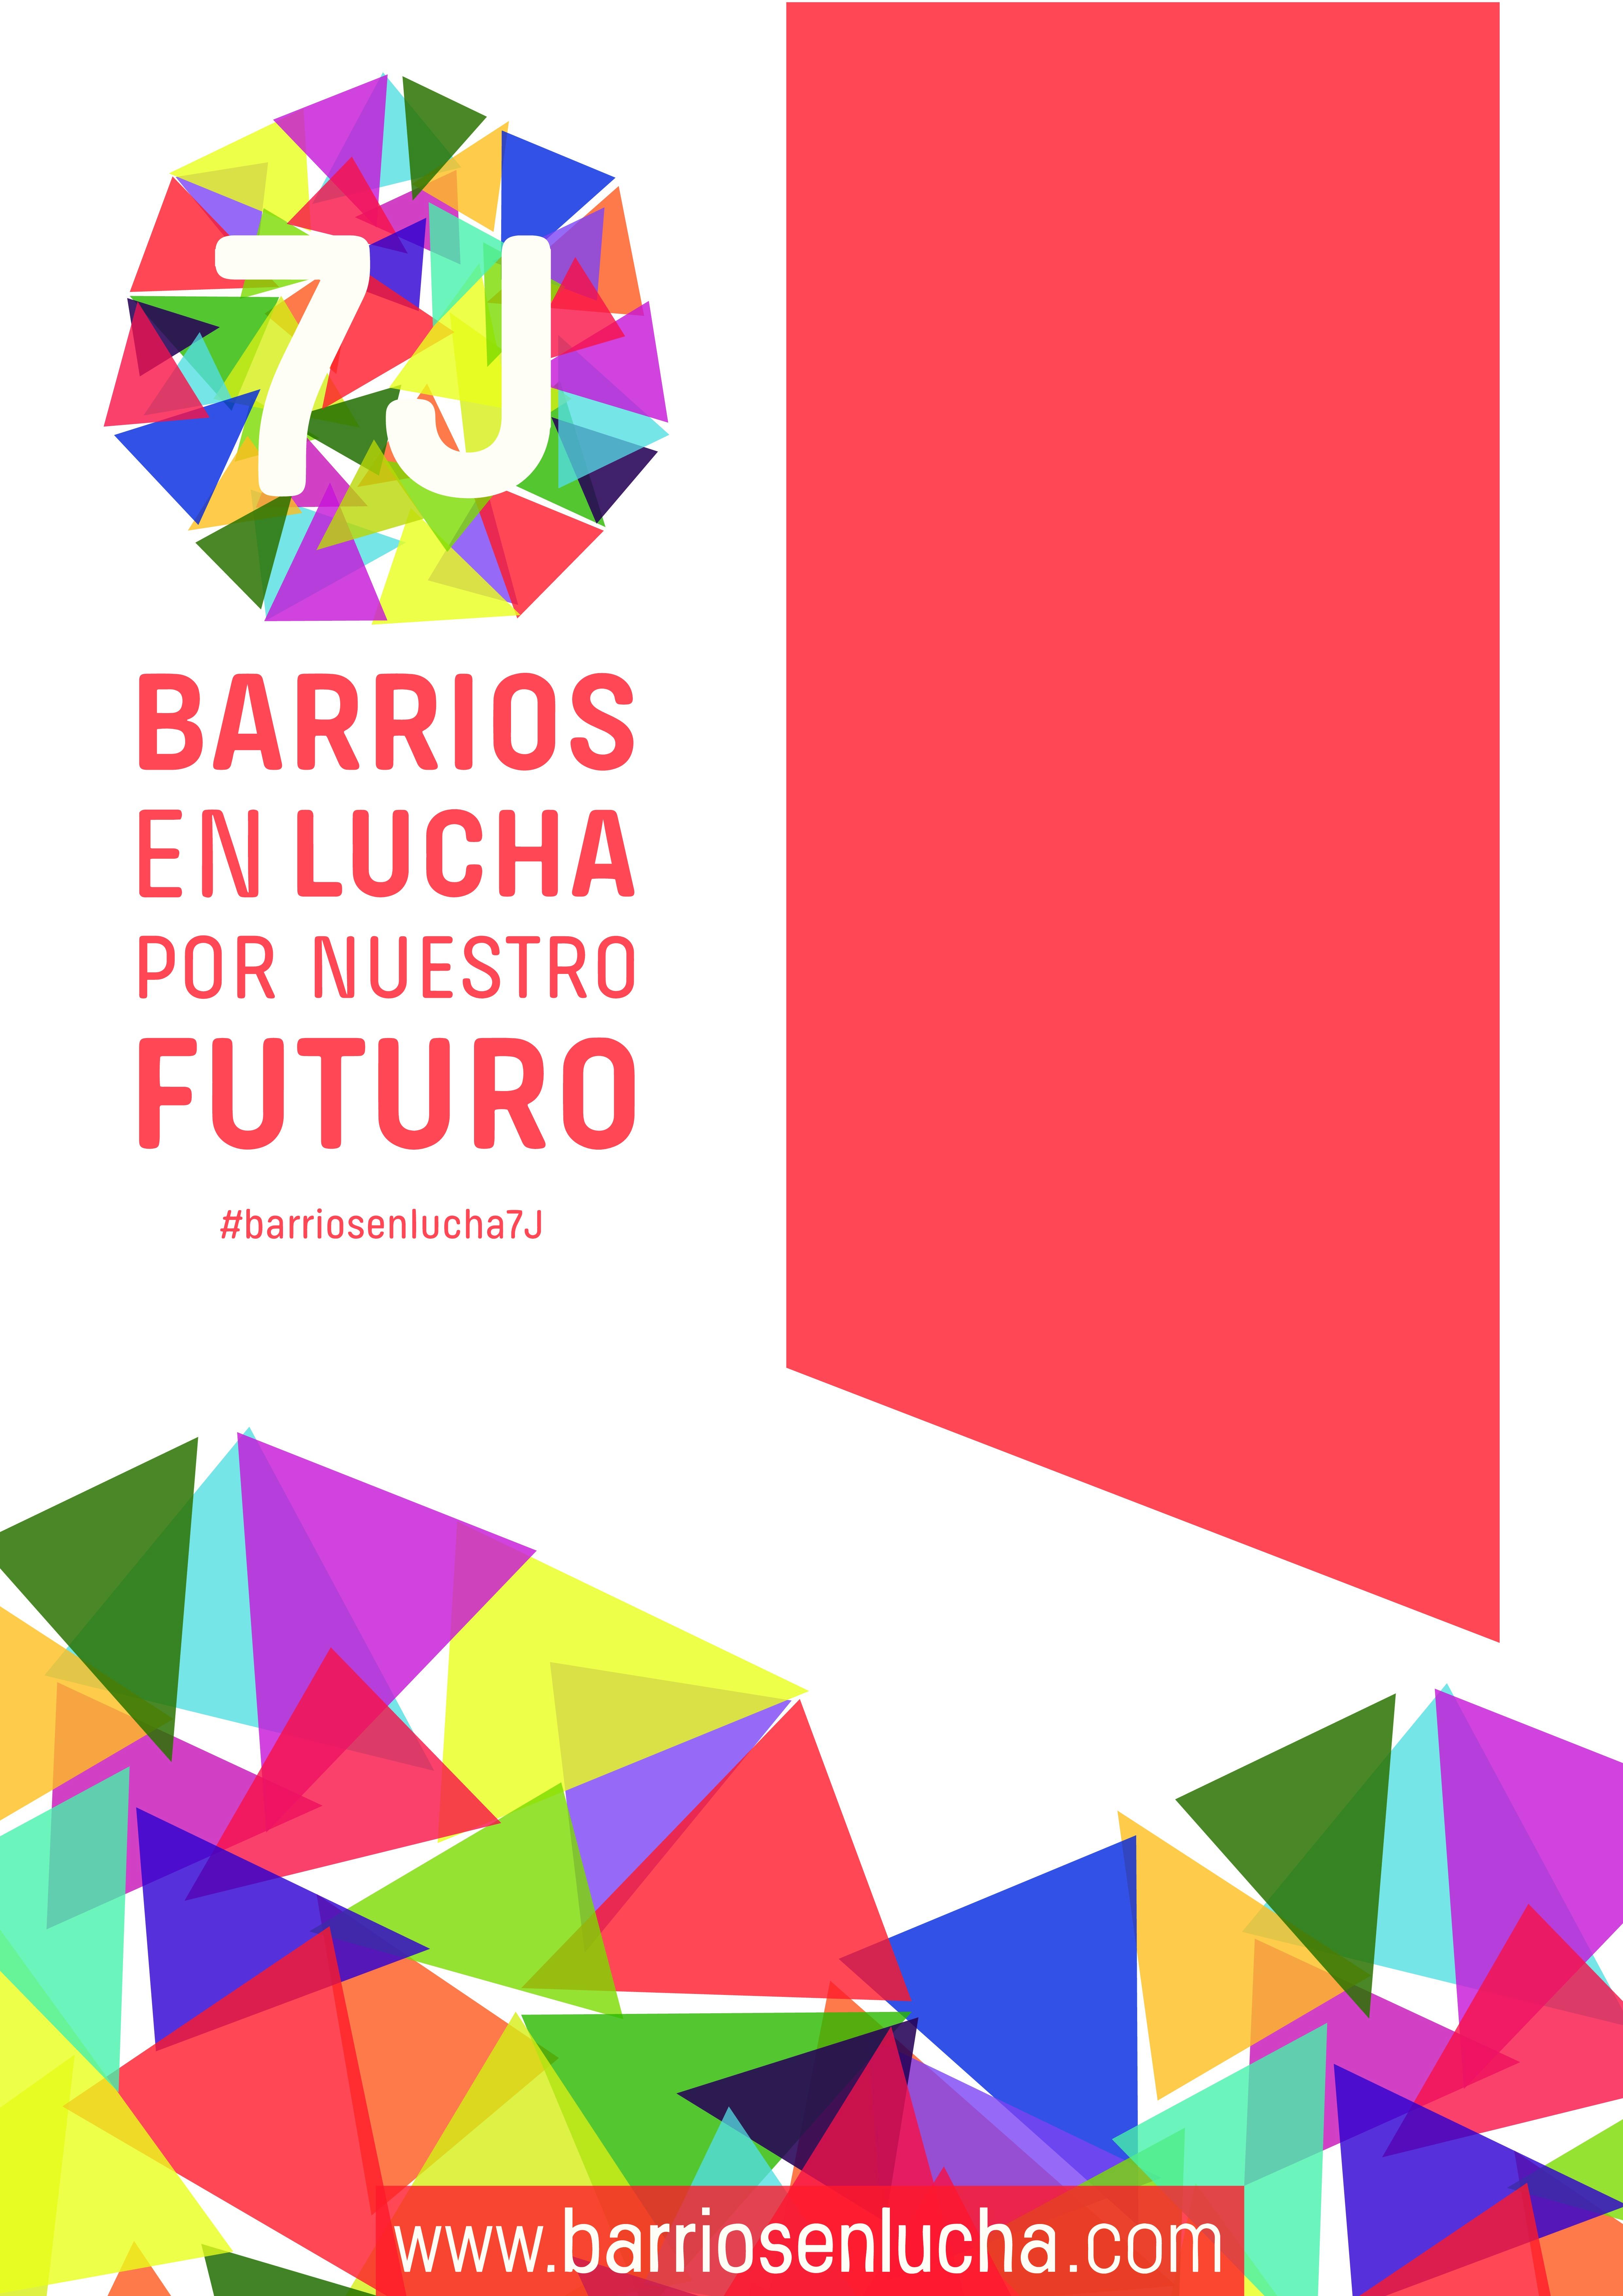 El 7 de junio los barrios y pueblos de Madrid saldrán a la calle en lucha por su futuro